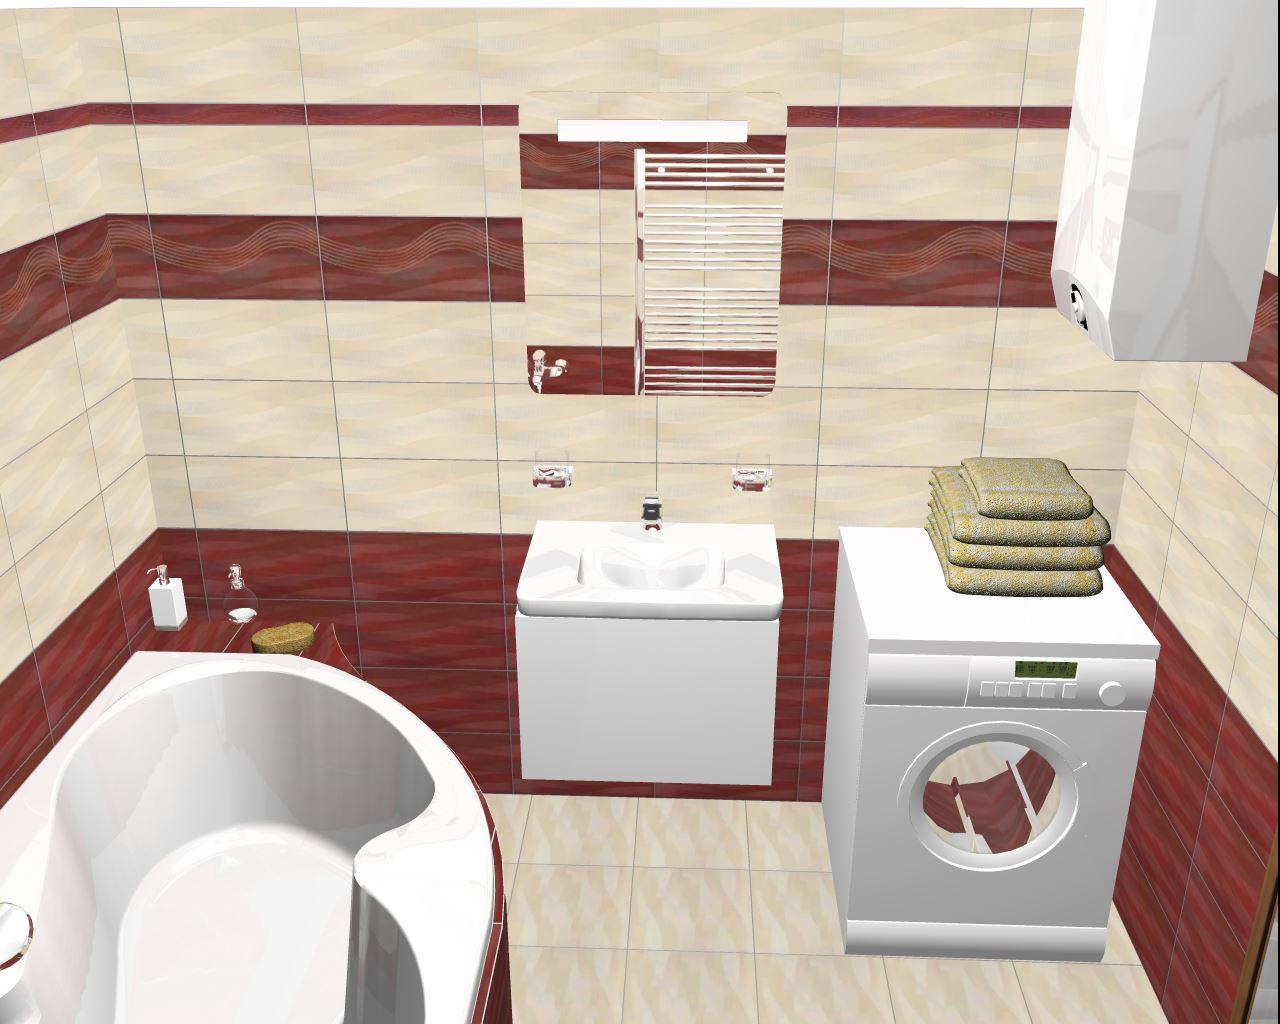 Projekt naší koupelny :) - Obrázek č. 1